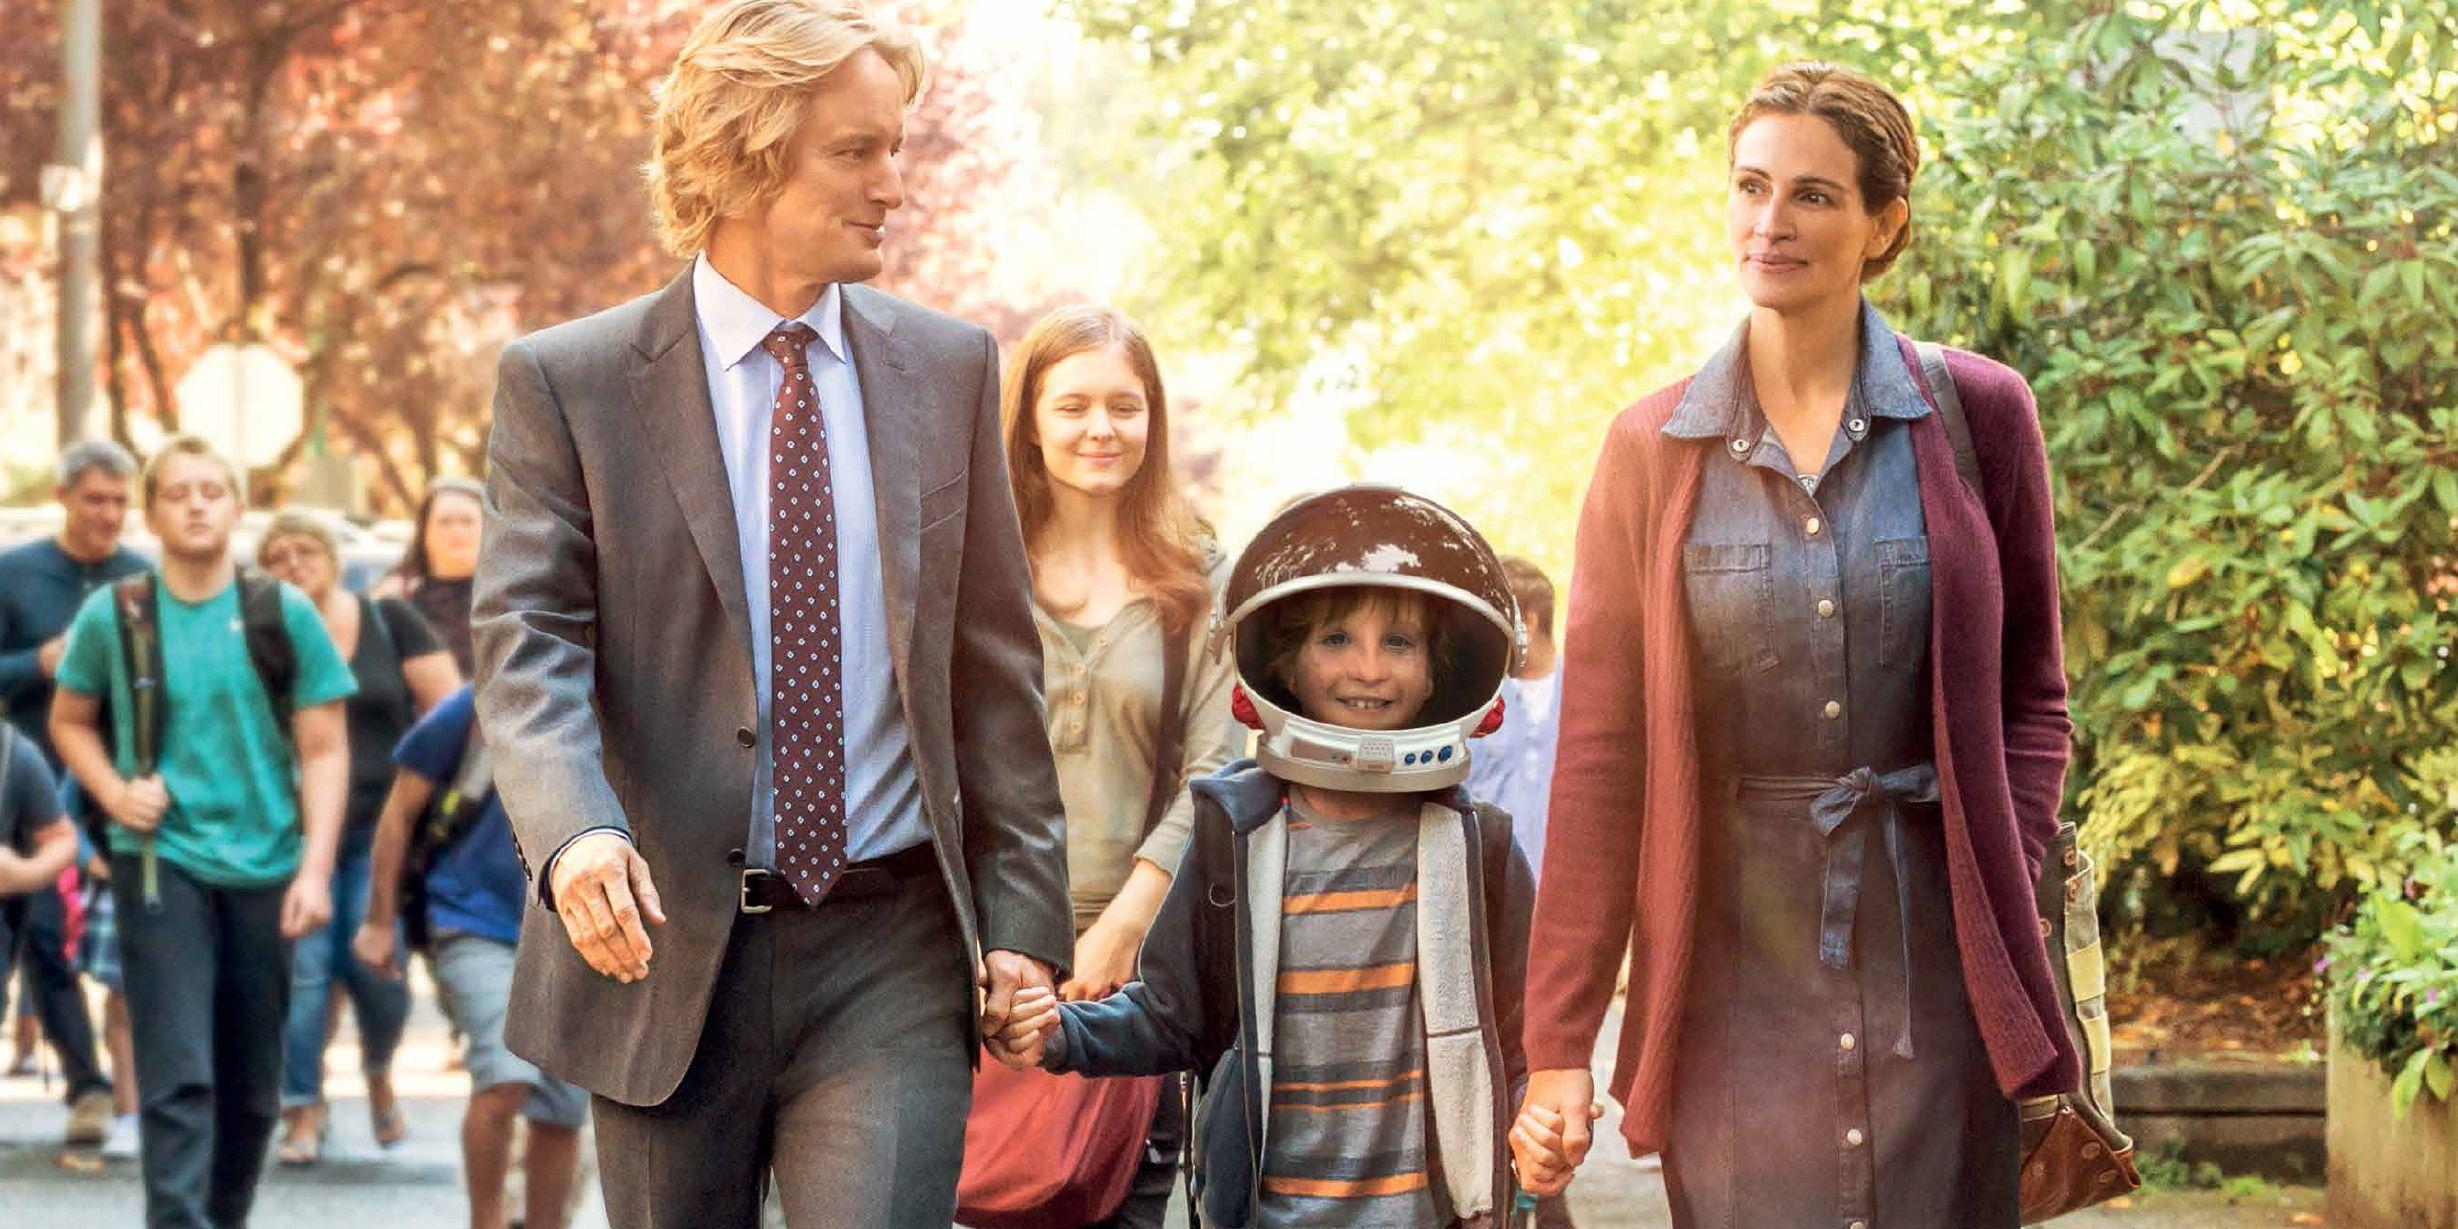 Ver Para El Tu Día Películas De Con Madre La 9HED2I